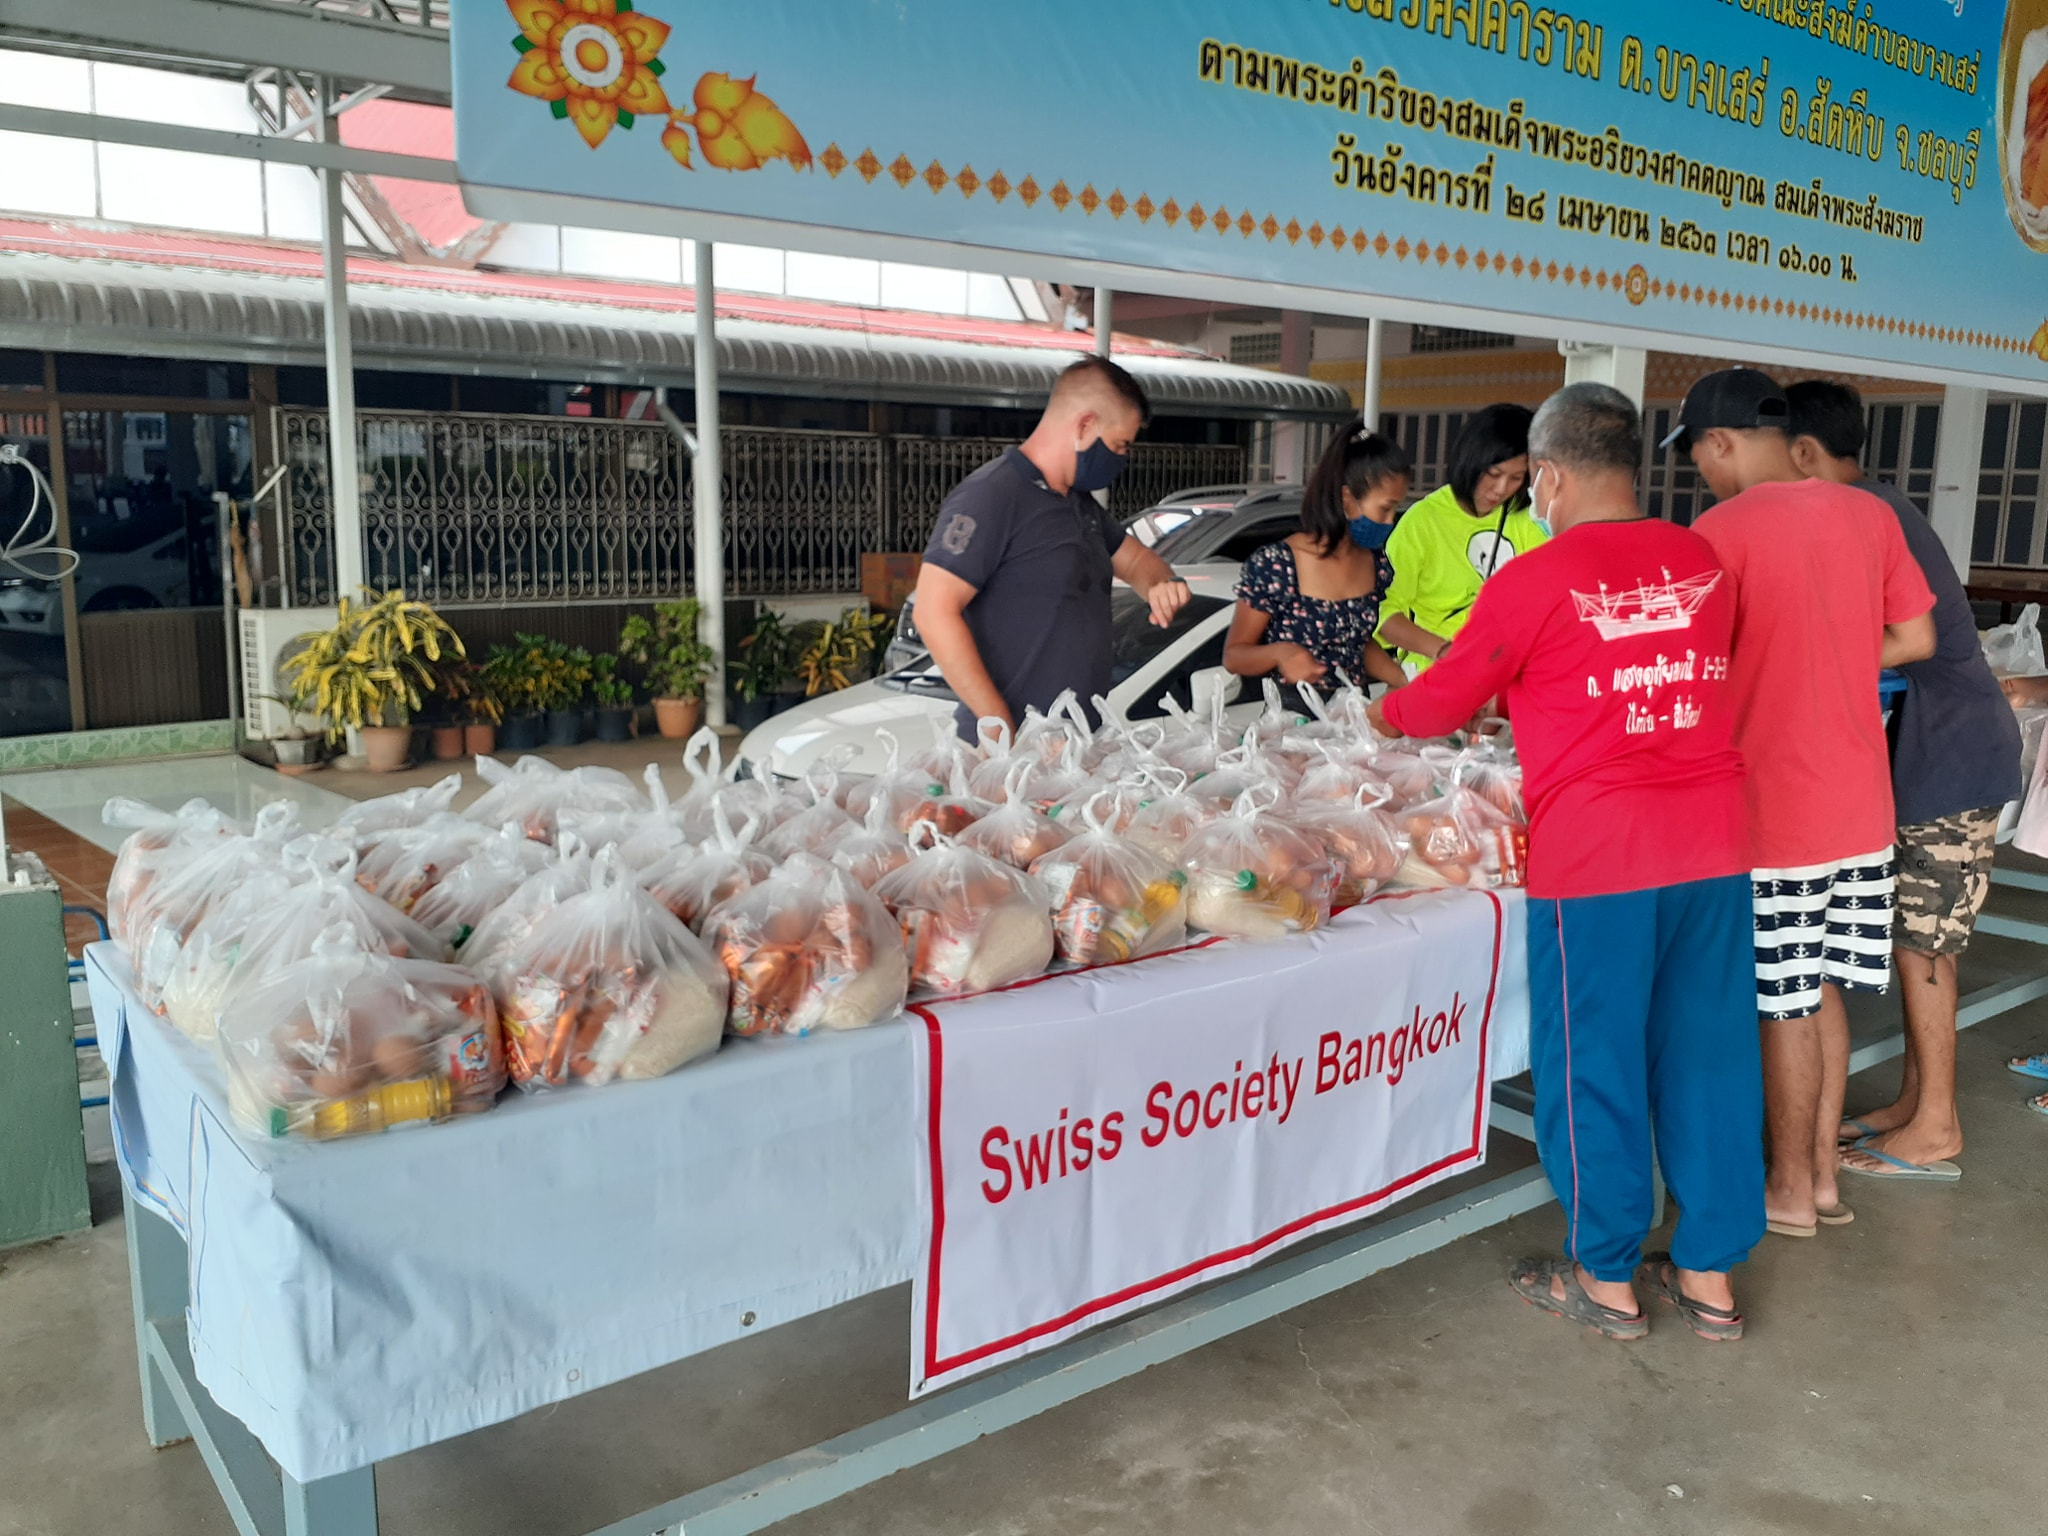 Swiss Society Bangkok Food Donation Bang Saray